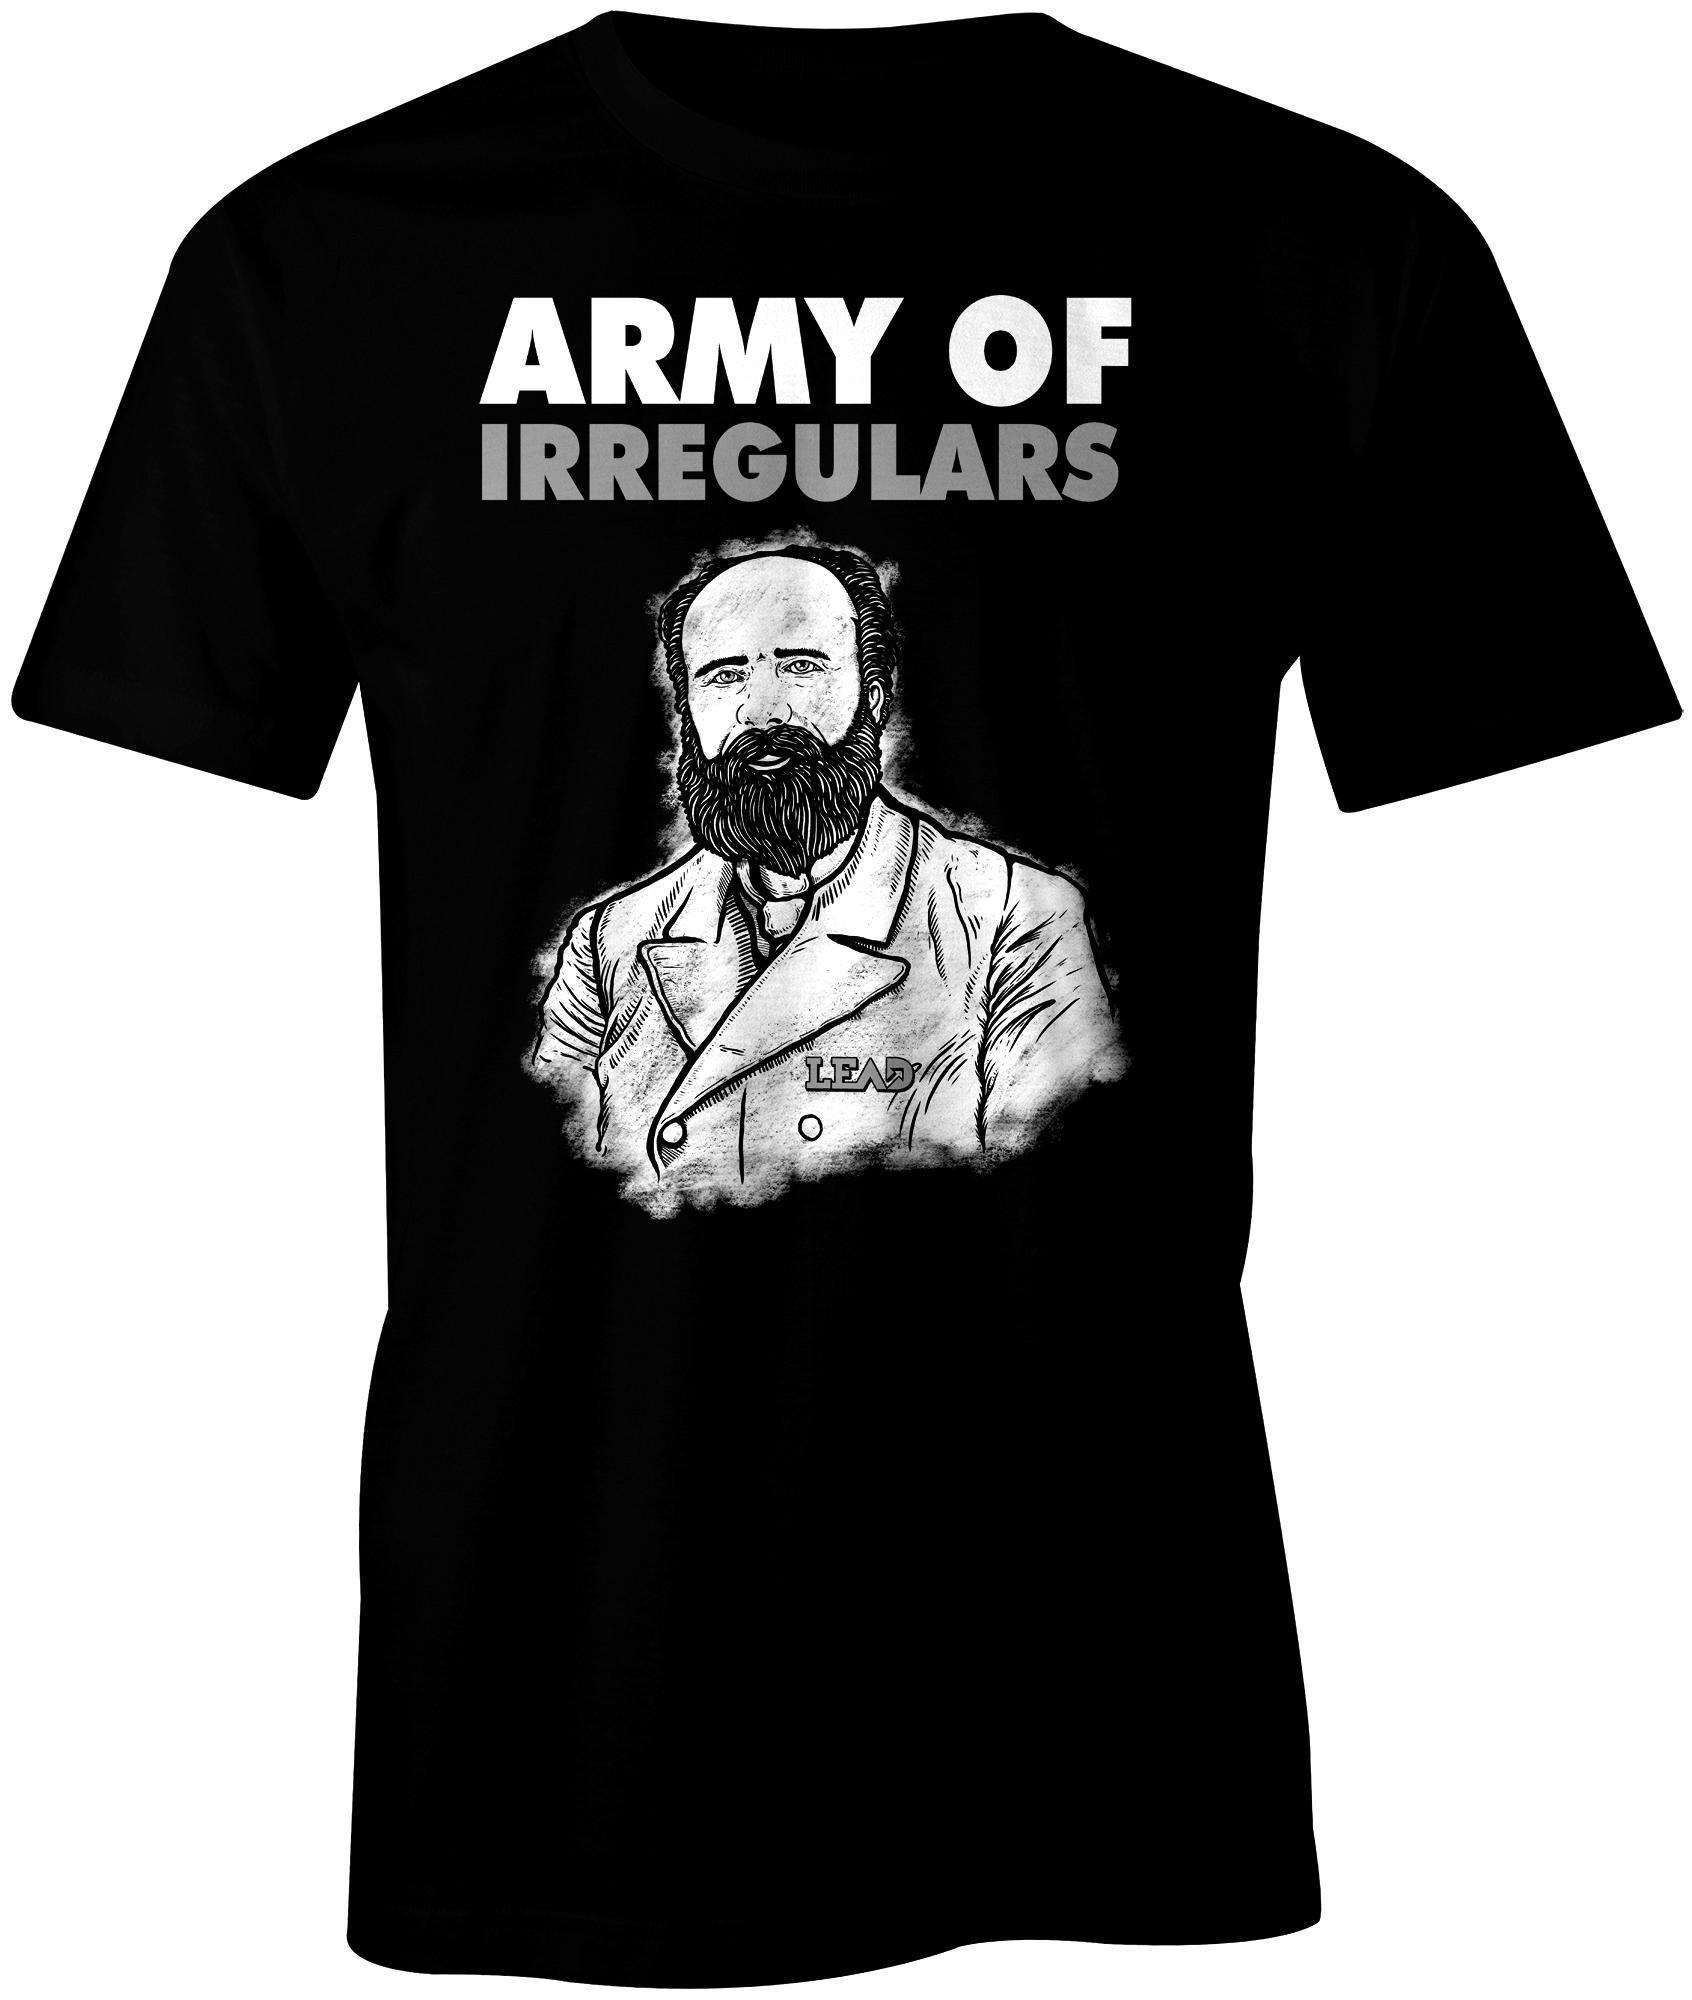 Army of Irregulars